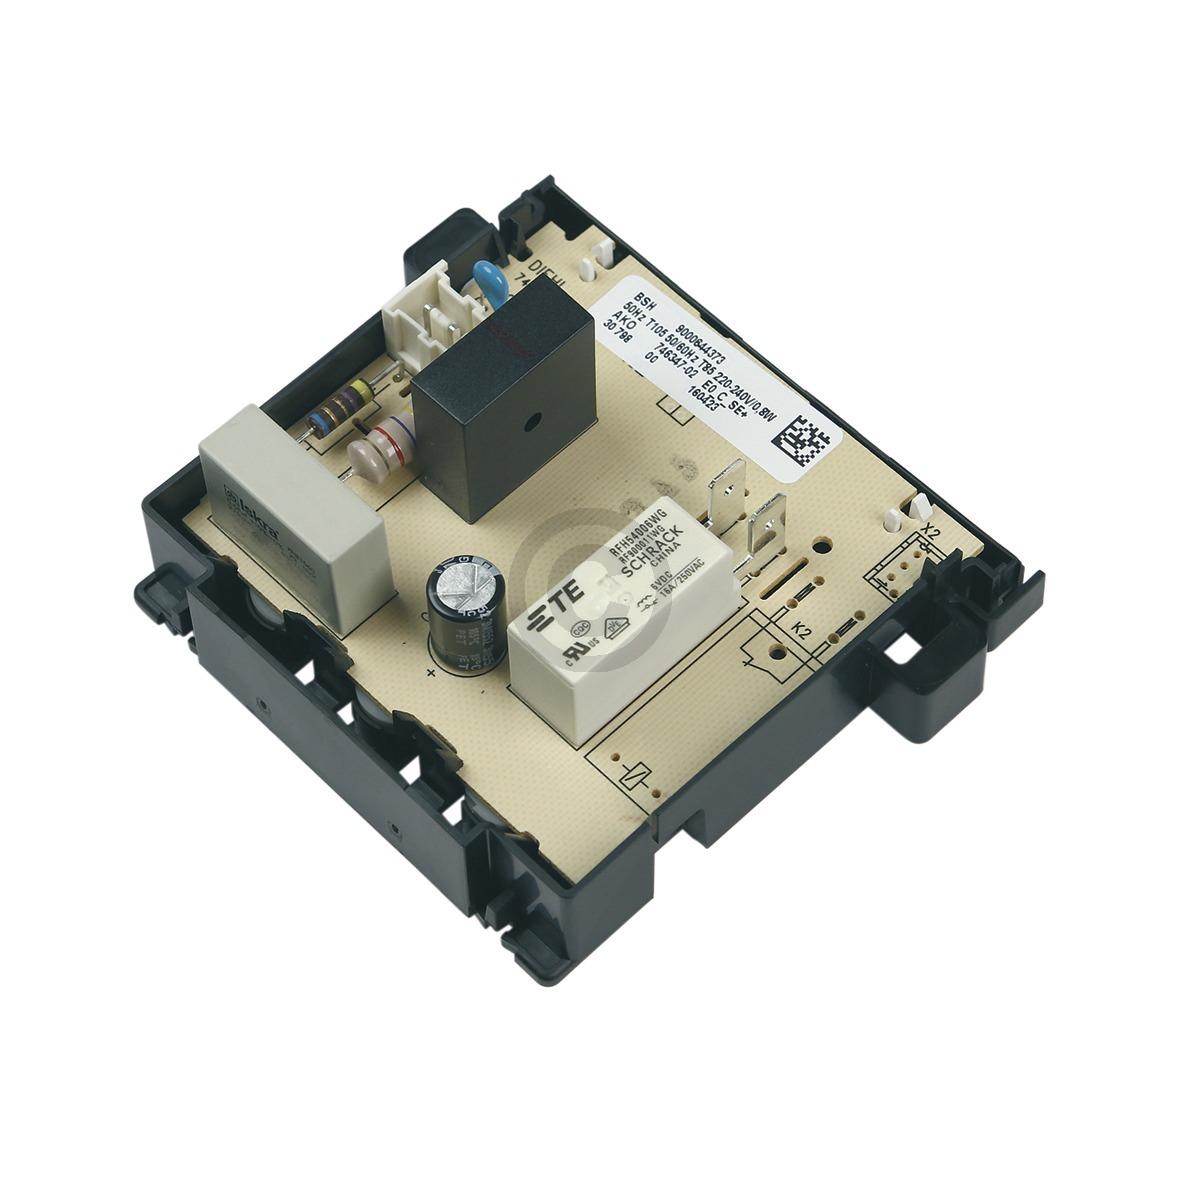 Uhr für Backofen 00658178 658178 Bosch, Siemens, Neff